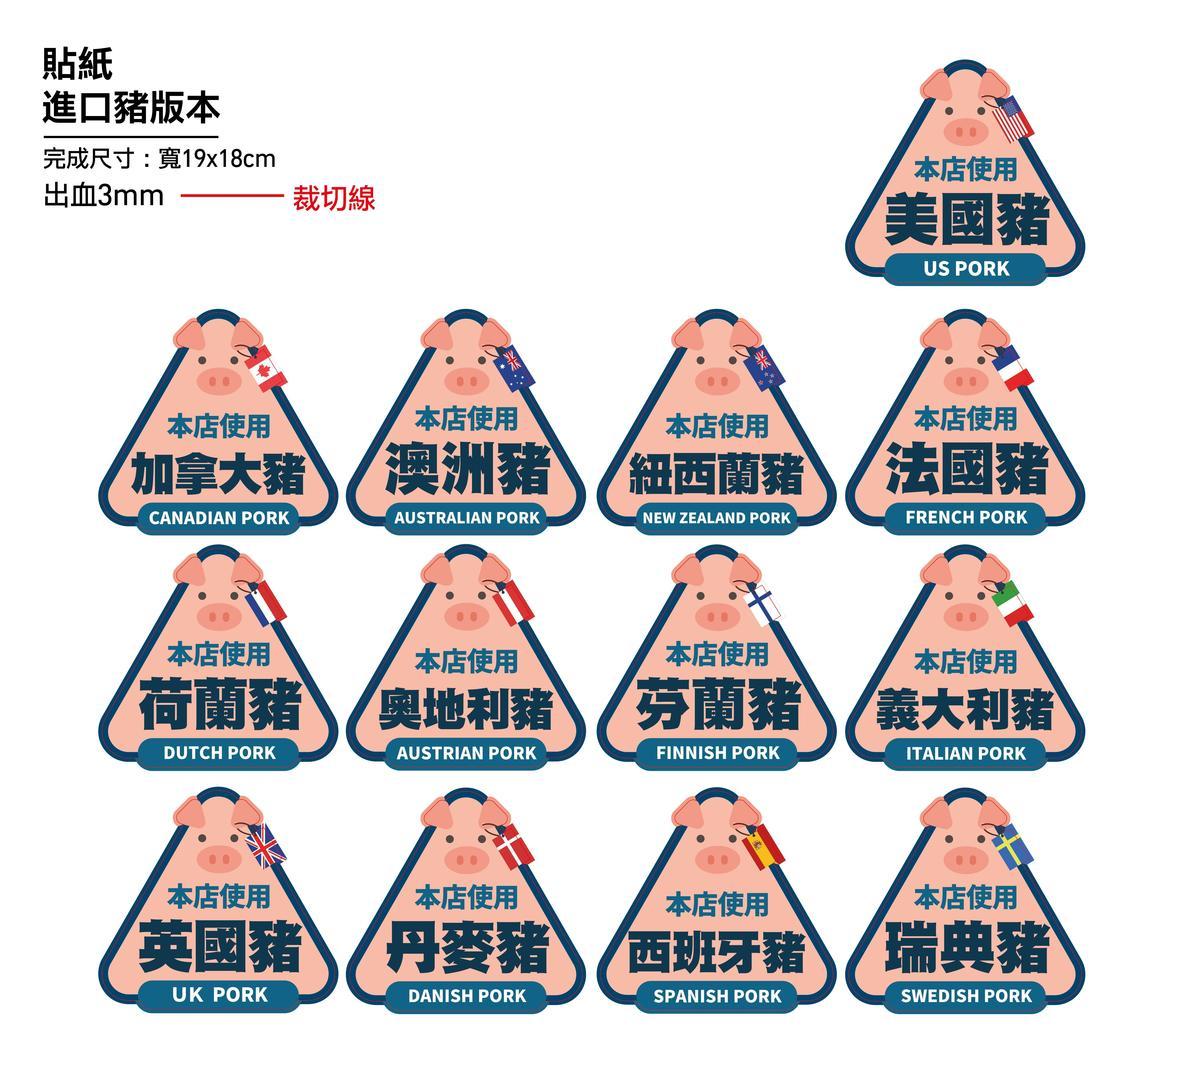 衛福部的「標示」貼紙是提供店家自主、清楚標示,分別台灣豬與進口豬,可直接於網站下載並使用。(翻攝自自經濟部官網)